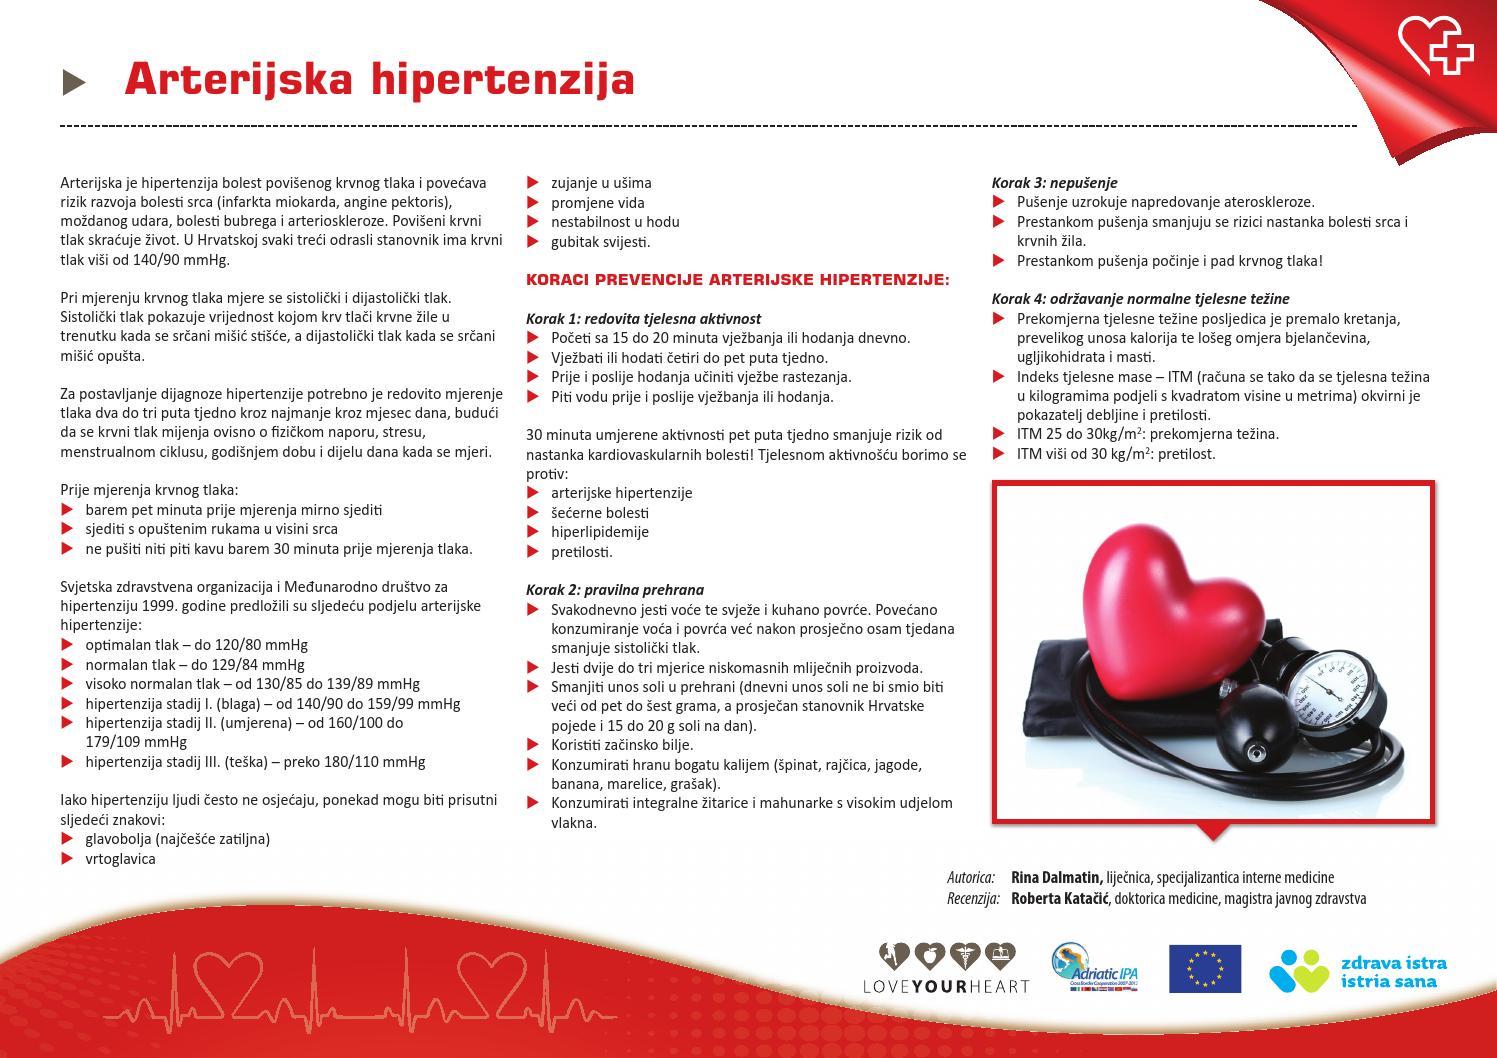 hipertenzija u trećem koraku vodikov peroksid u hipertenzije uzimanje